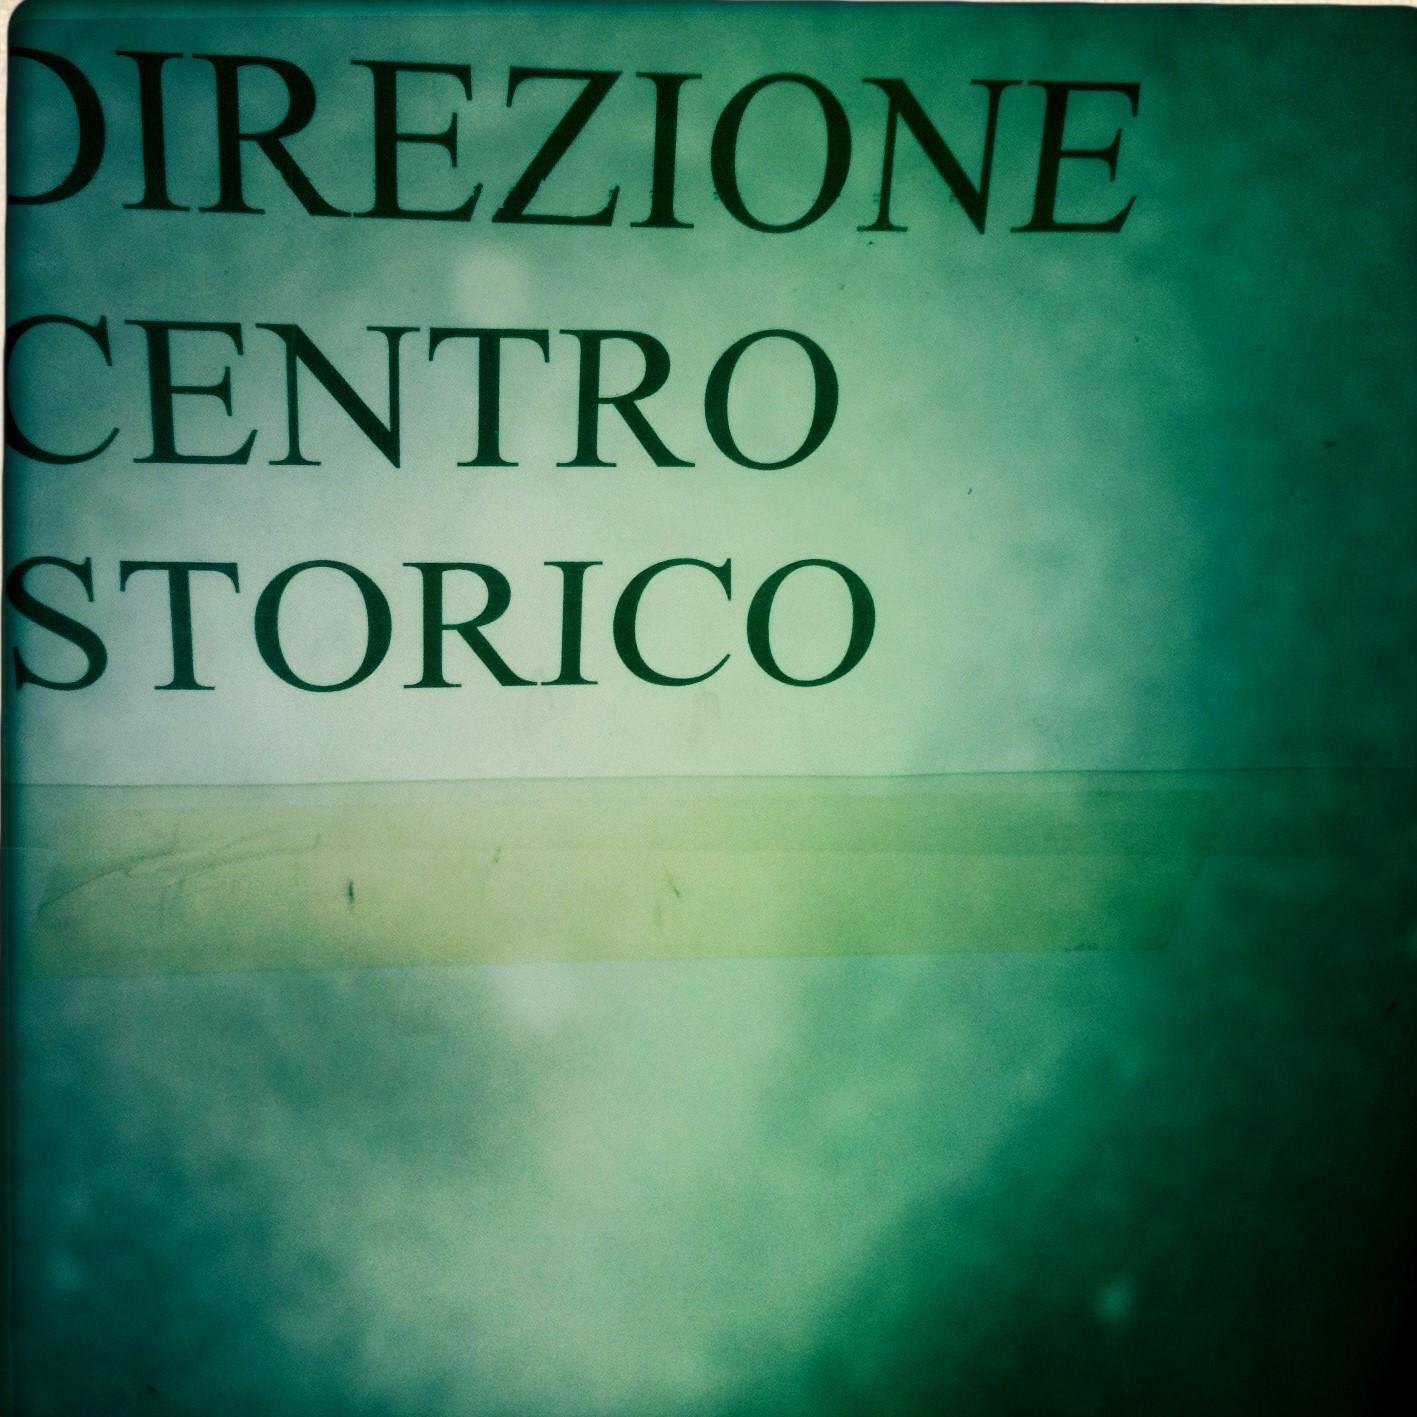 Direzione Centro Storico